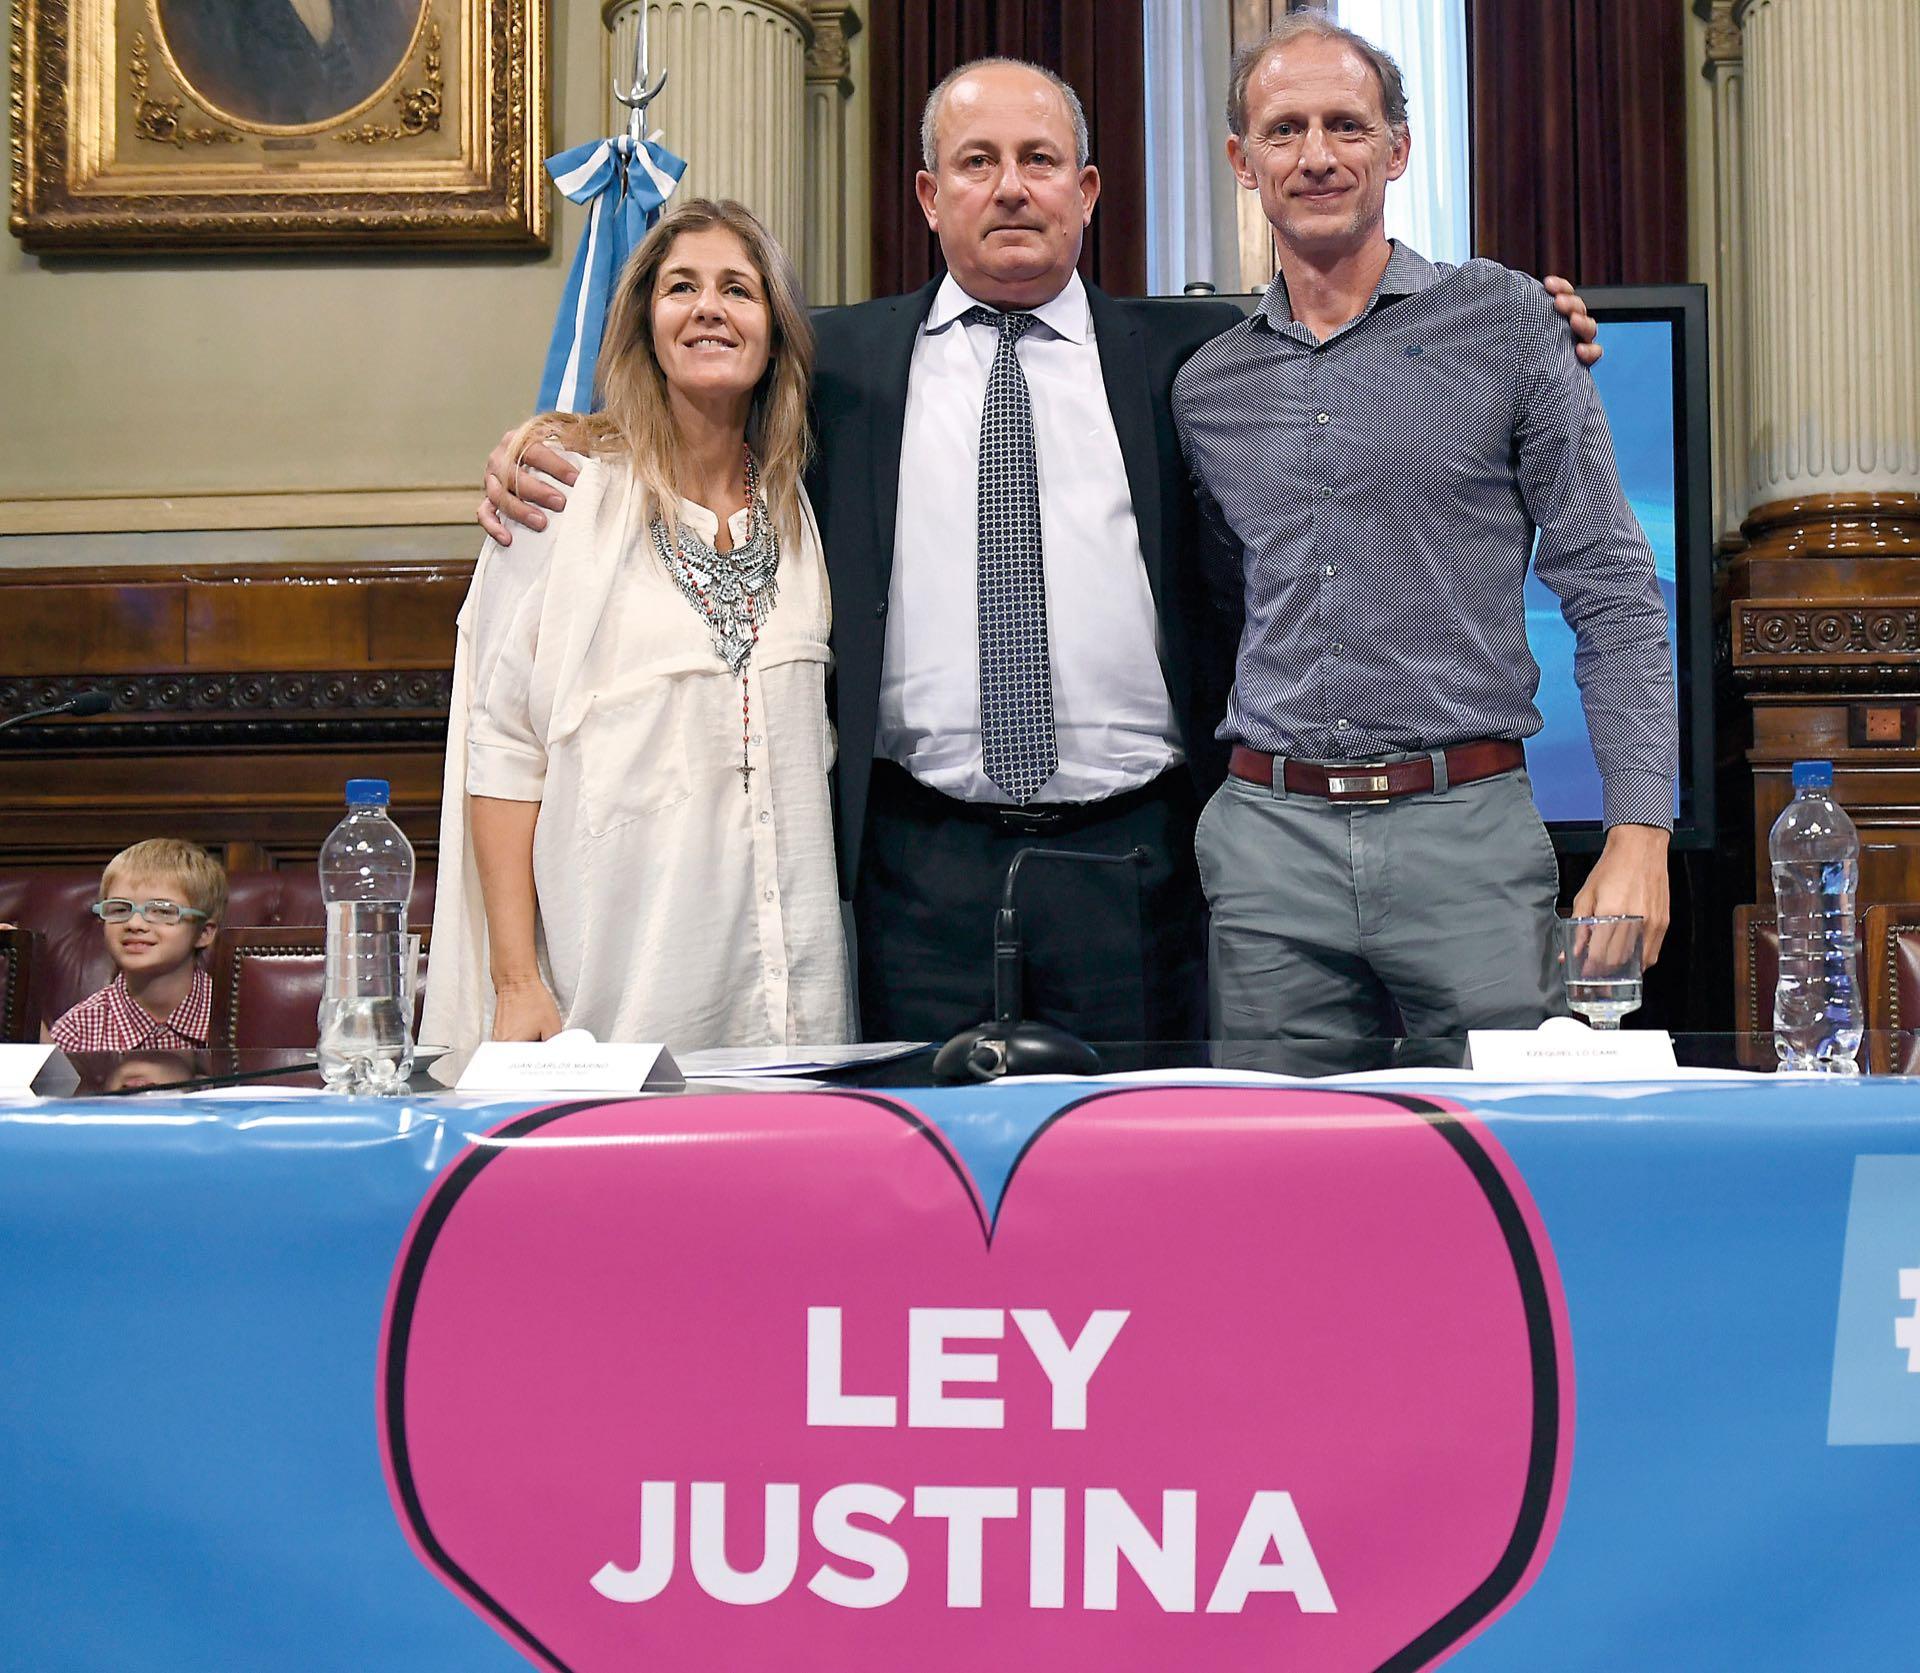 Paola y Ezequiel, los padres de Justina Lo Cane junto al senador Juan Carlos Marino, impulsores de la Ley Justina, por la cual todos somos donantes a no ser que expresemos lo contrario.